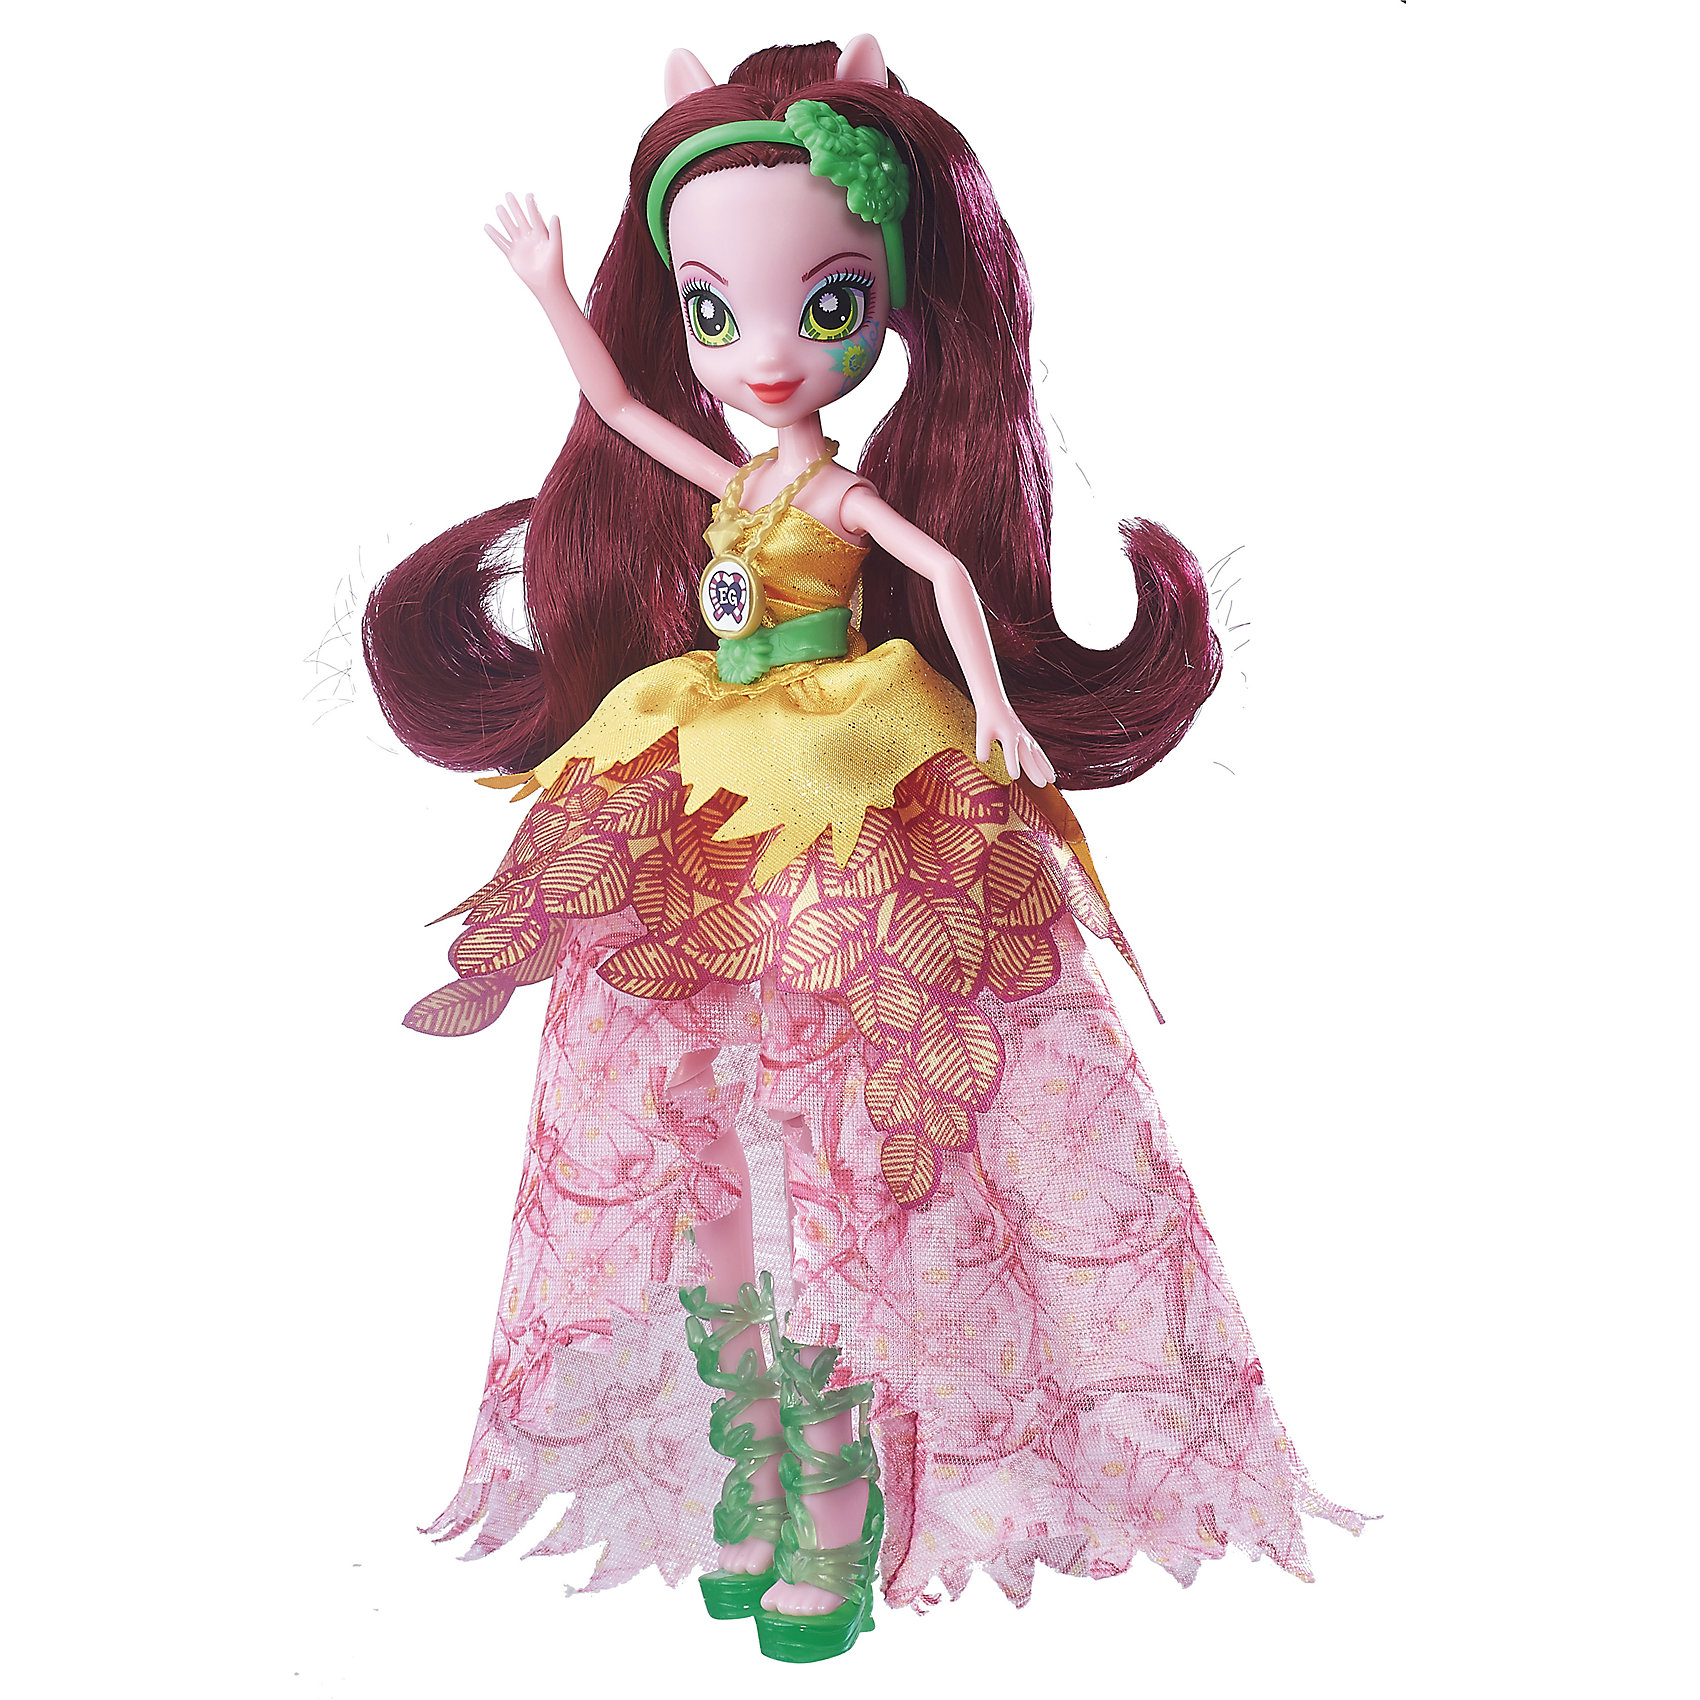 Кукла Эквестрия Герлз Легенды вечнозеленого леса Crystal Gala - ГлориозаКуклы-модели<br>Кукла делюкс Легенда Вечнозеленого леса, с аксессуарами, Эквестрия герлз (Equestria Girls), B6478/B7530.<br><br>Характеристика: <br><br>• Материал: пластик. <br>• Размер куклы: 22 см. <br>• В комплекте кукла в одежде, обувь, аксессуары. <br>• Отличная детализация. <br>• Голова, руки, ноги подвижные (9 точек артикуляции). <br>• Реалистичные позы. <br>• Специальный код, с помощью которого можно разблокировать новые наряды и аксессуары в мобильном приложения MY LITTLE PONY EQUESTRIA GIRLS.<br><br>Очаровательные девочки Эквестрии приведут в восторг всех поклонниц My little Pony (Май литл Пони)! Глориоза одета в прекрасное платье с пышной летящей юбкой и блестящим лифом. Сногсшибательный образ дополняют стильные босоножки и ободок. Длинные волосы юной волшебницы мягкие и послушные - из них получится множество удивительных причесок. Девять точек артикуляции и отличная детализация делают игры с куклами еще увлекательнее и интереснее. <br><br>Собери всех кукол коллекции, проигрывай любимые сюжеты, придумывай свои новые истории или устрой настоящую вечеринку в стиле My little Pony (Моя маленькая Пони). <br><br>Куклу делюкс Легенда Вечнозеленого леса, с аксессуарами, Эквестрия герлз (Equestria Girls), B6478/B7530, можно купить в нашем интернет-магазине.<br><br>Ширина мм: 50<br>Глубина мм: 190<br>Высота мм: 337<br>Вес г: 271<br>Возраст от месяцев: 60<br>Возраст до месяцев: 144<br>Пол: Женский<br>Возраст: Детский<br>SKU: 5395777